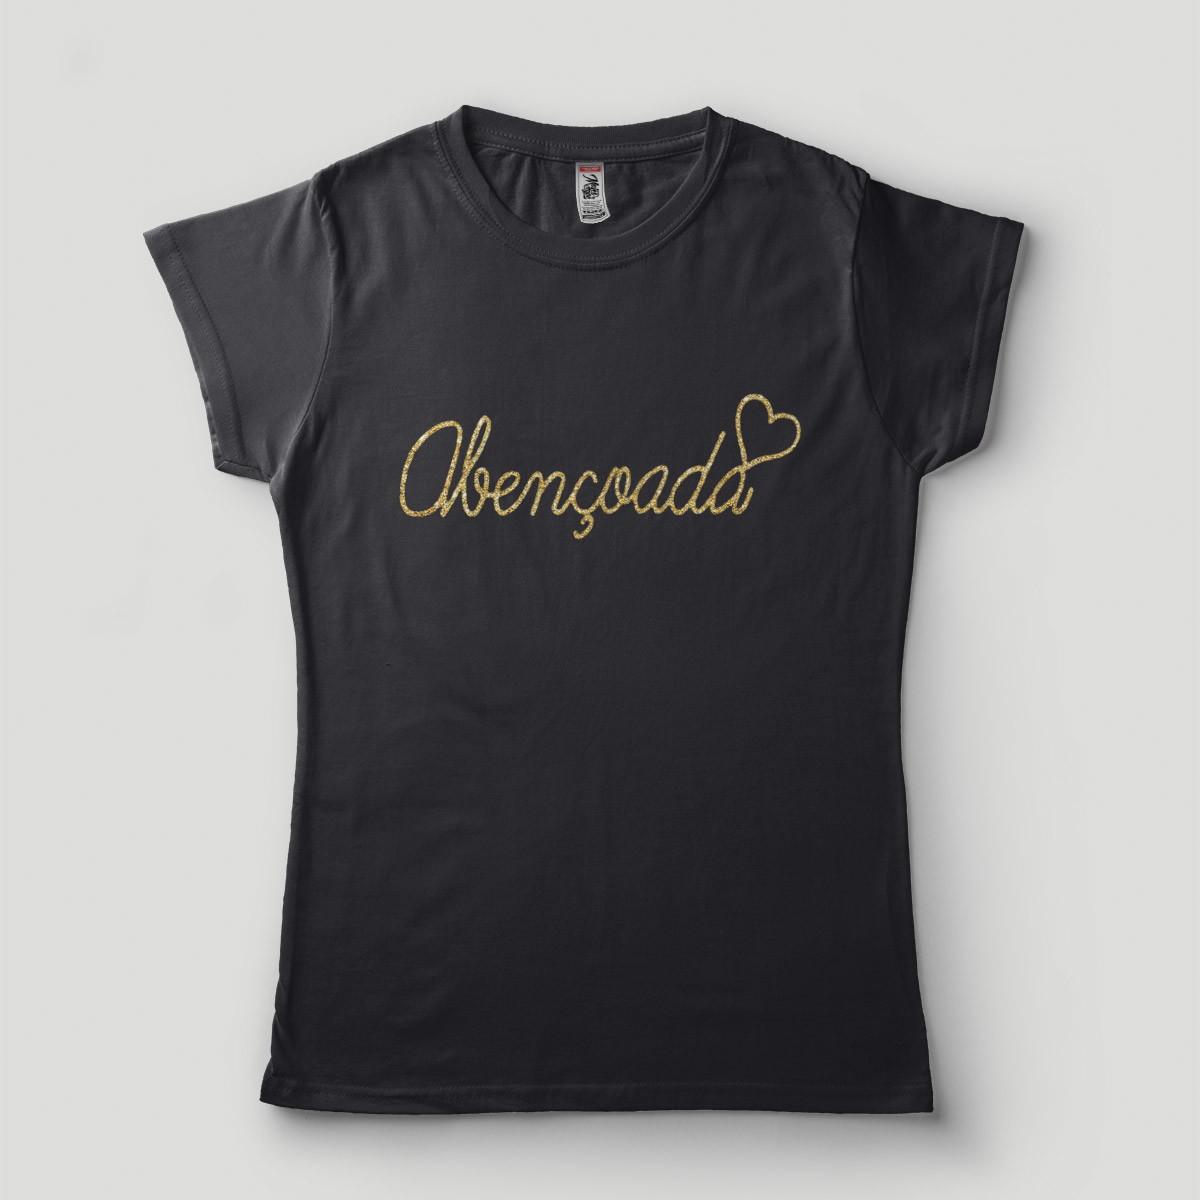 98315f1c91 Camiseta Evangelica Feminina Deus e Bom